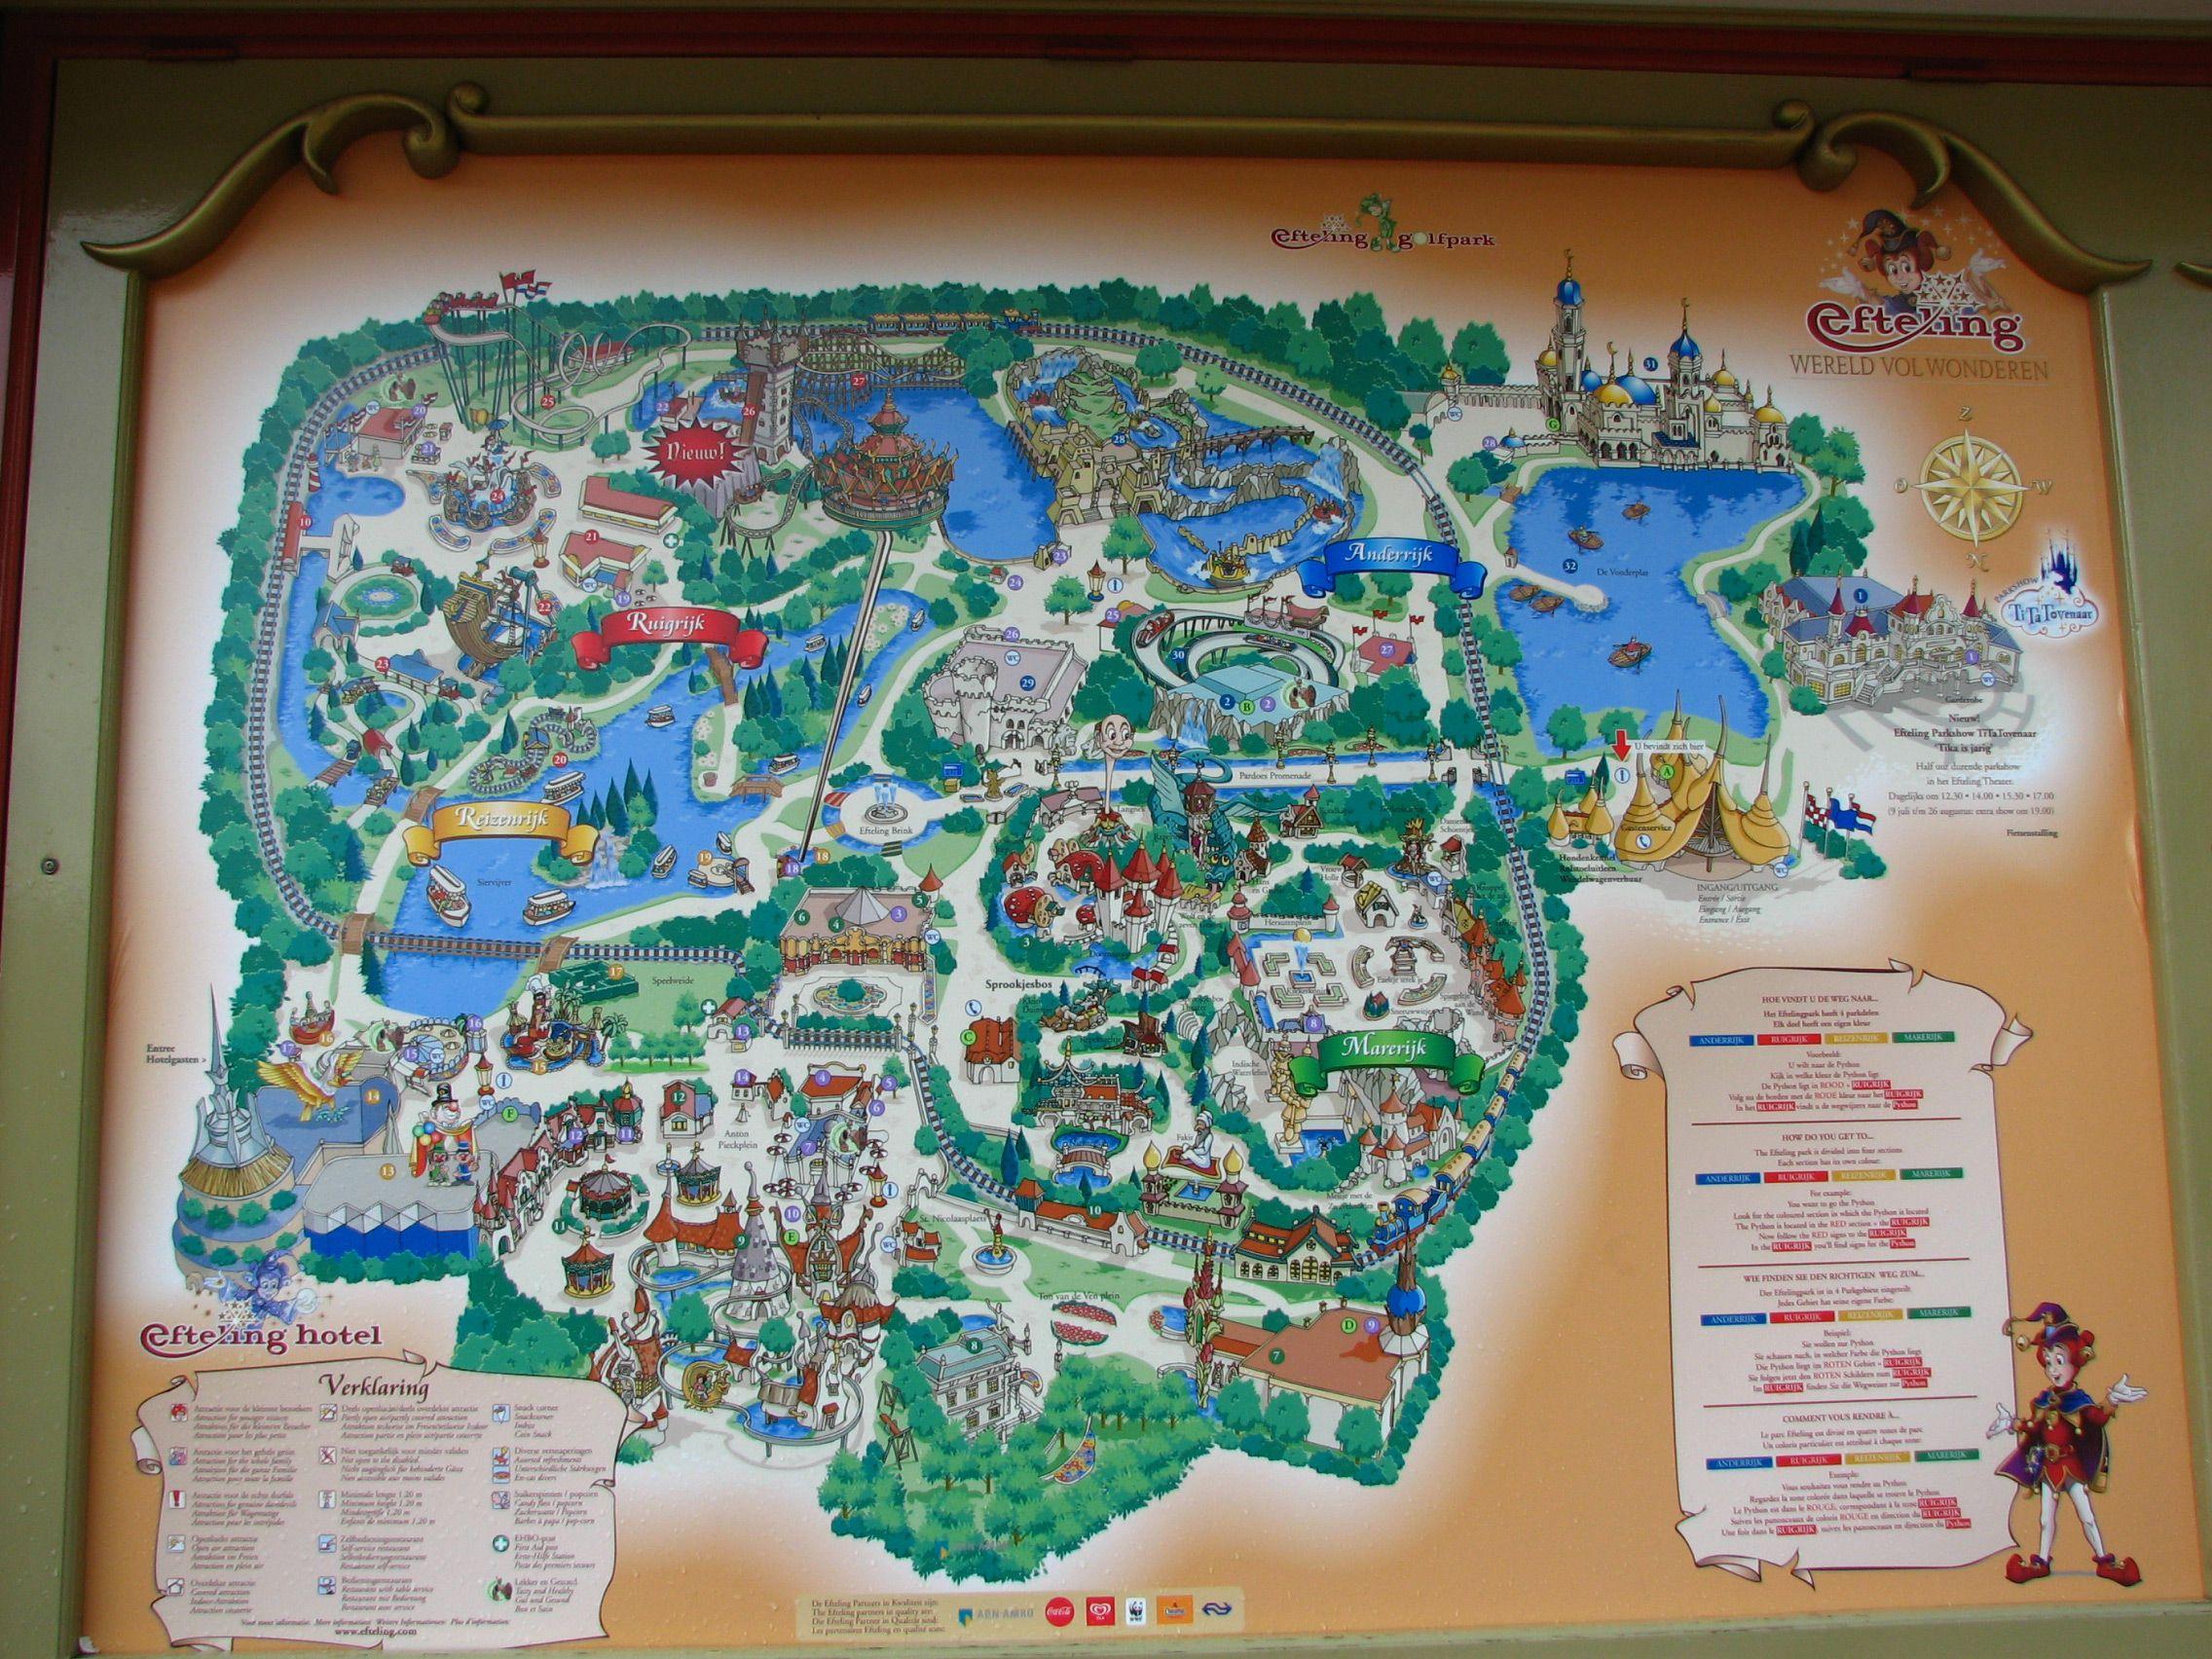 De Efteling Is Een Attractiepark In De Plaats Kaatsheuvel Noord